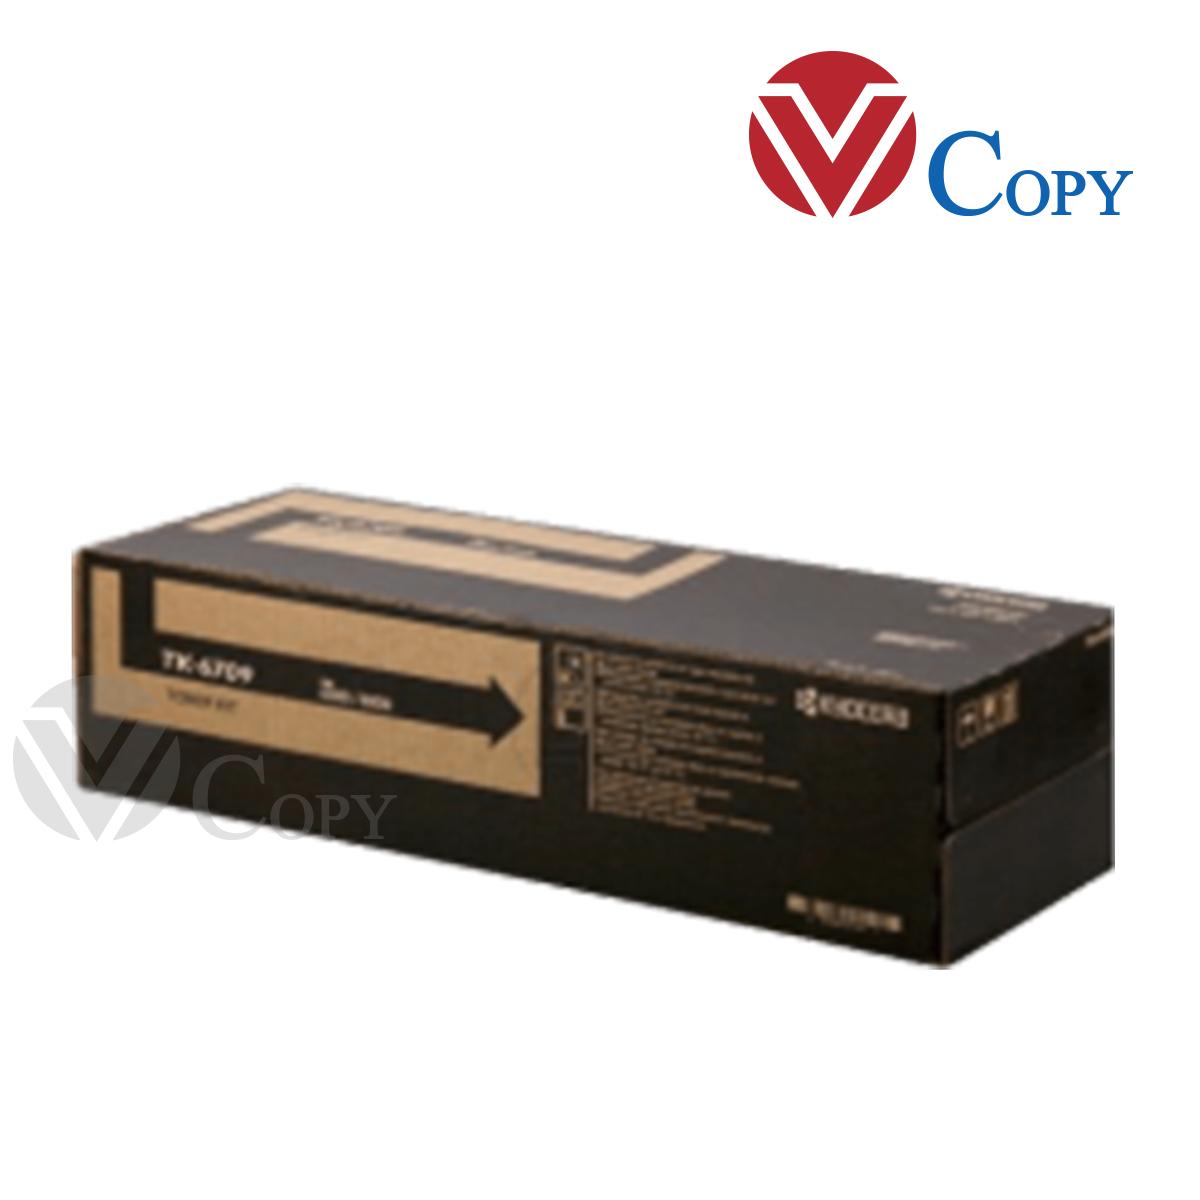 Mực Thương hiệu dùng cho máy Photocopy Kyocera 6500i / 6501i / 8000i / 8001i - Hộp mực TK6709